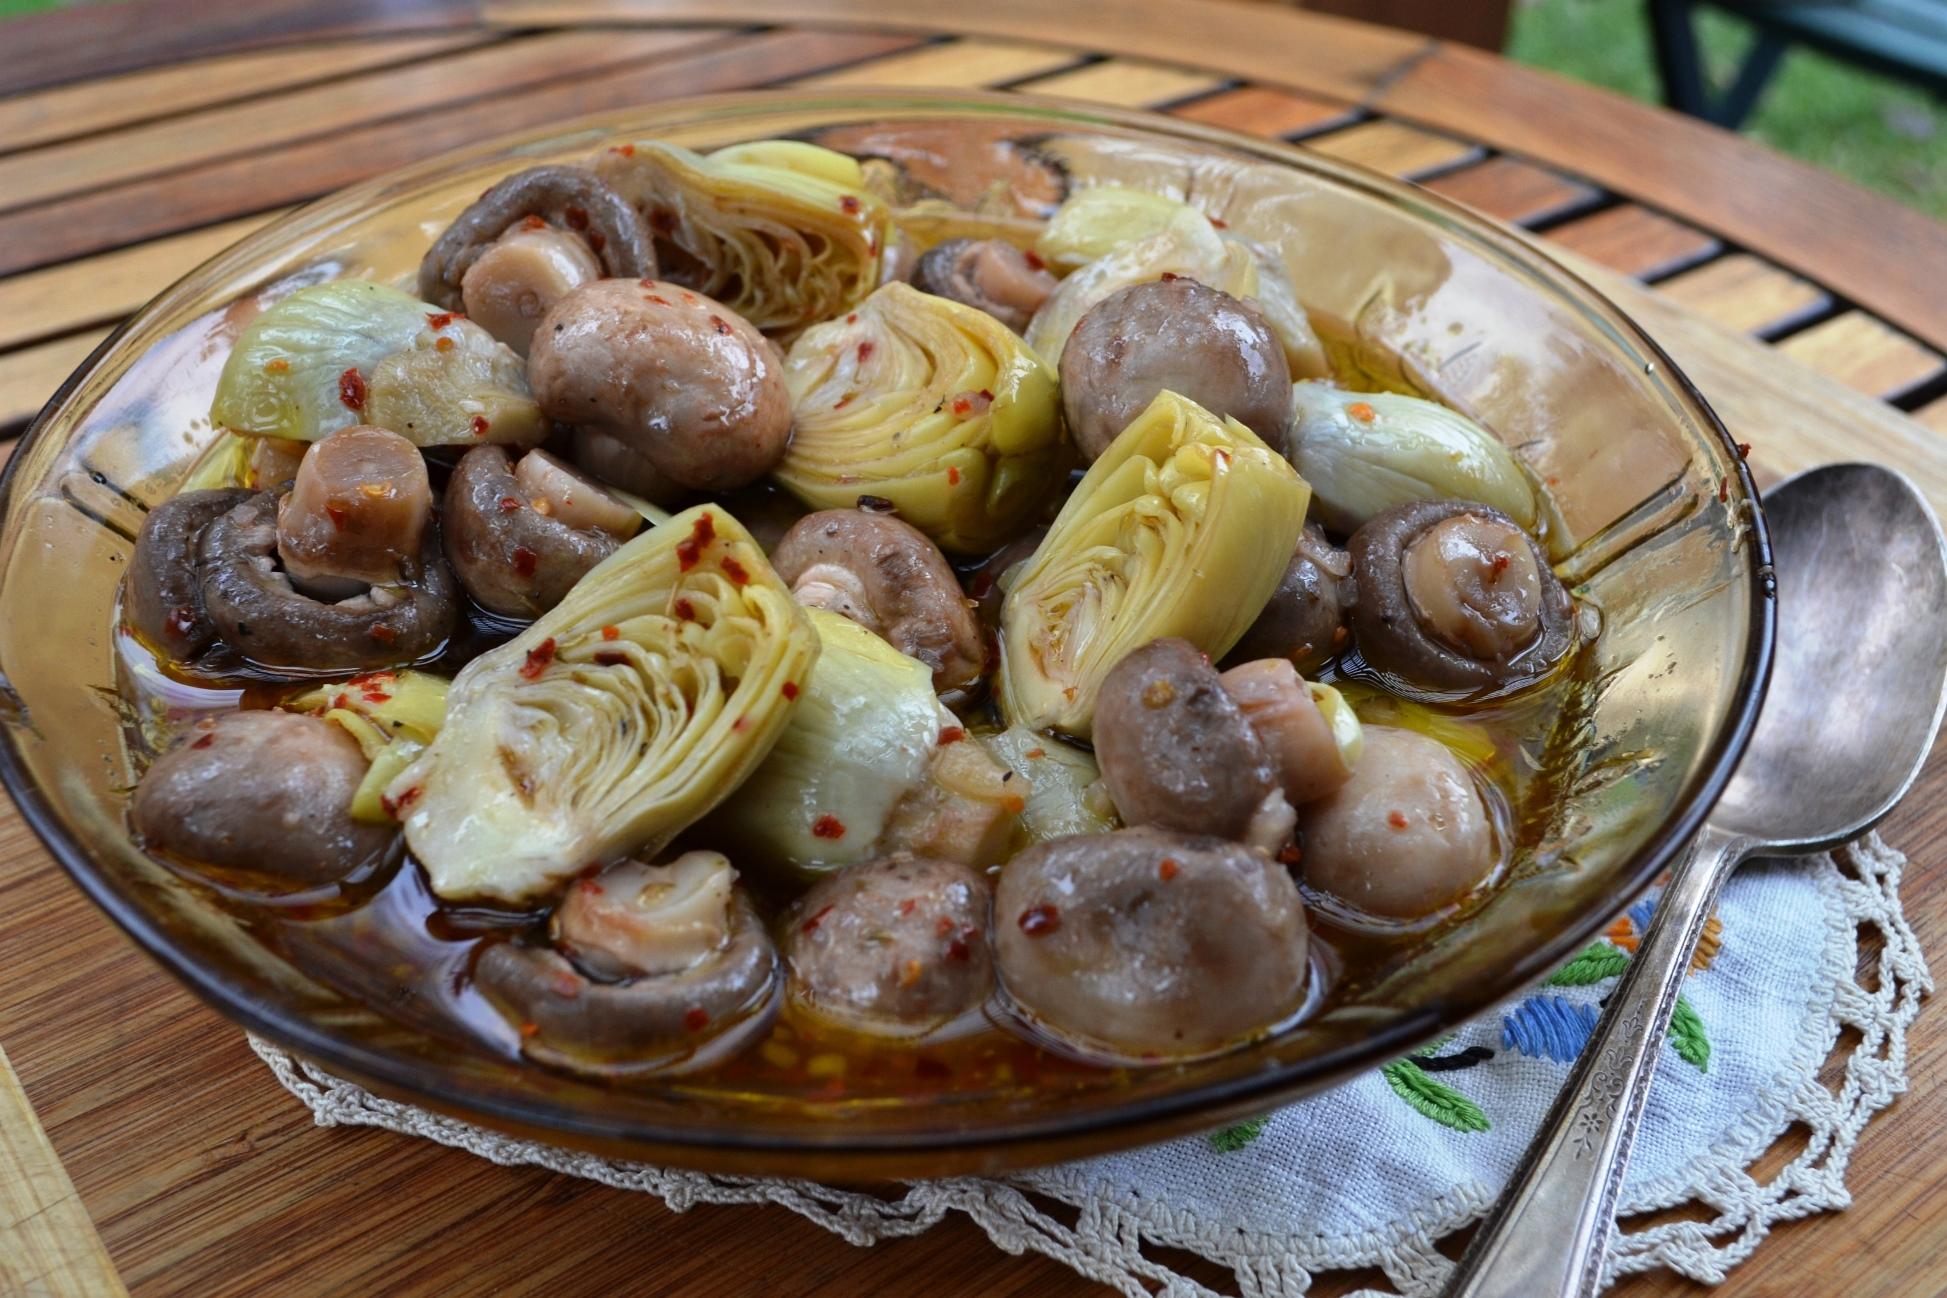 Marinated Mushrooms & Artichoke Hearts